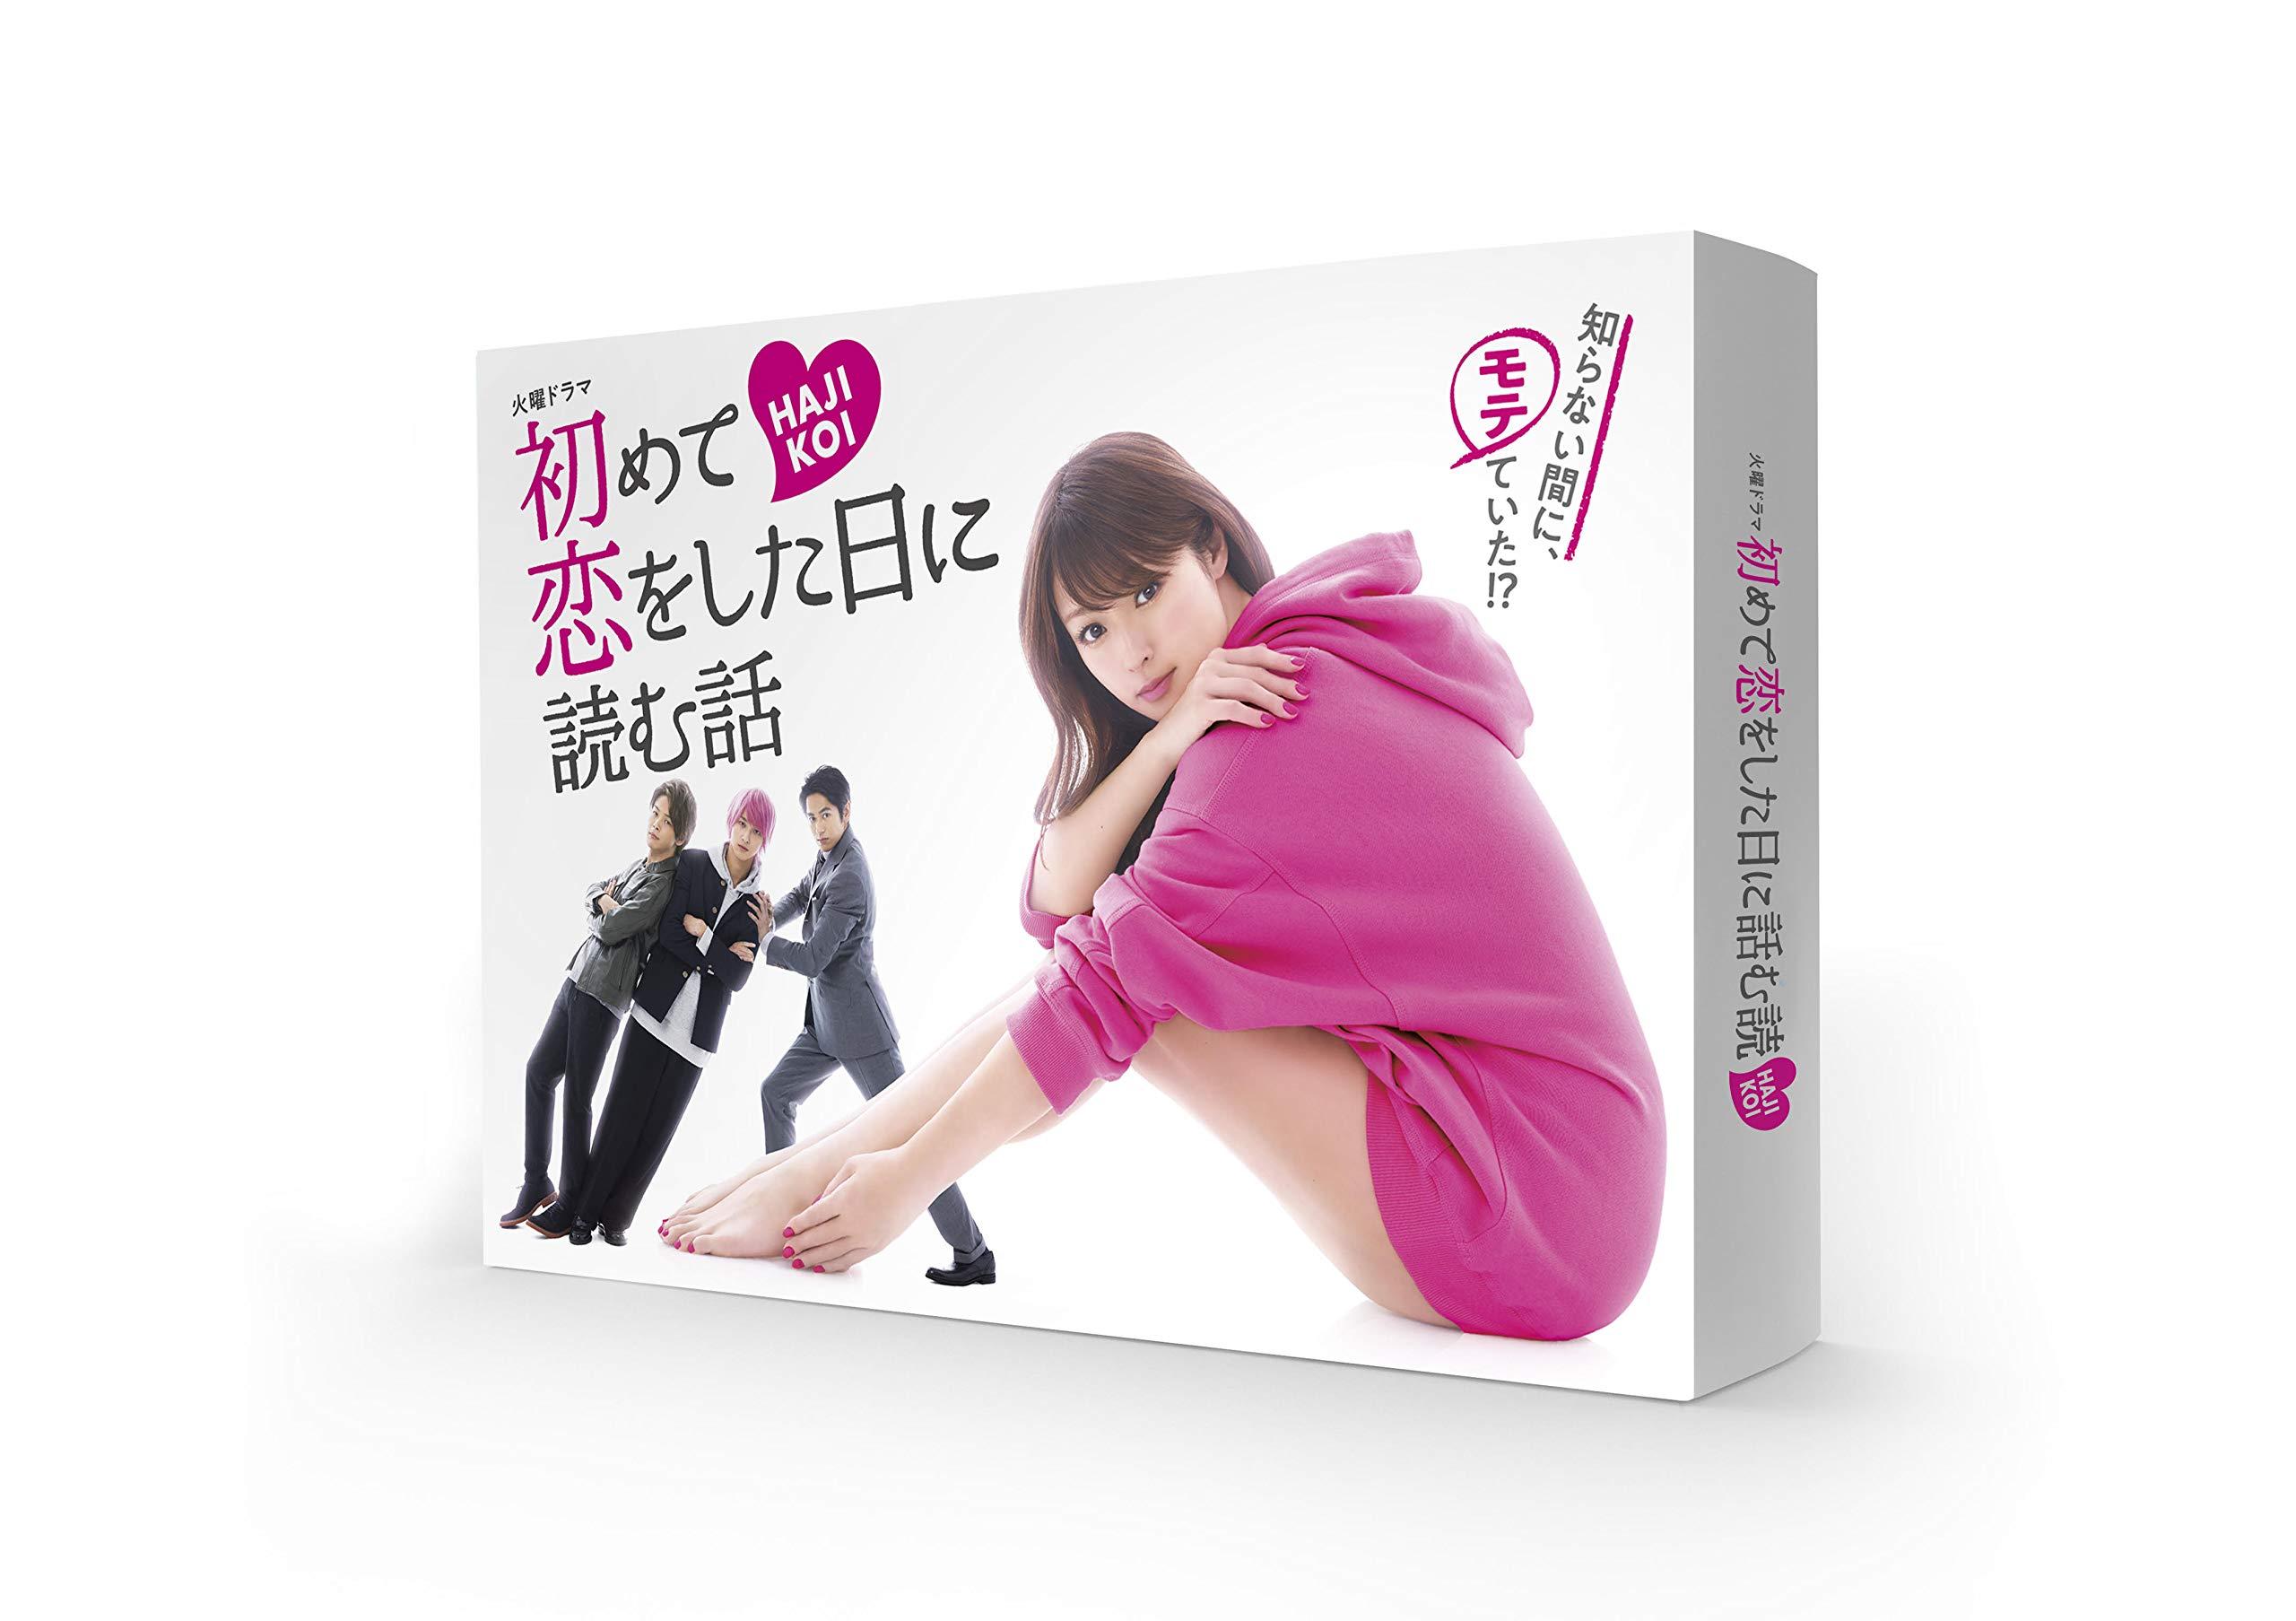 【早期購入特典あり】初めて恋をした日に読む話 DVD-BOX(ポストカード4枚セット付)